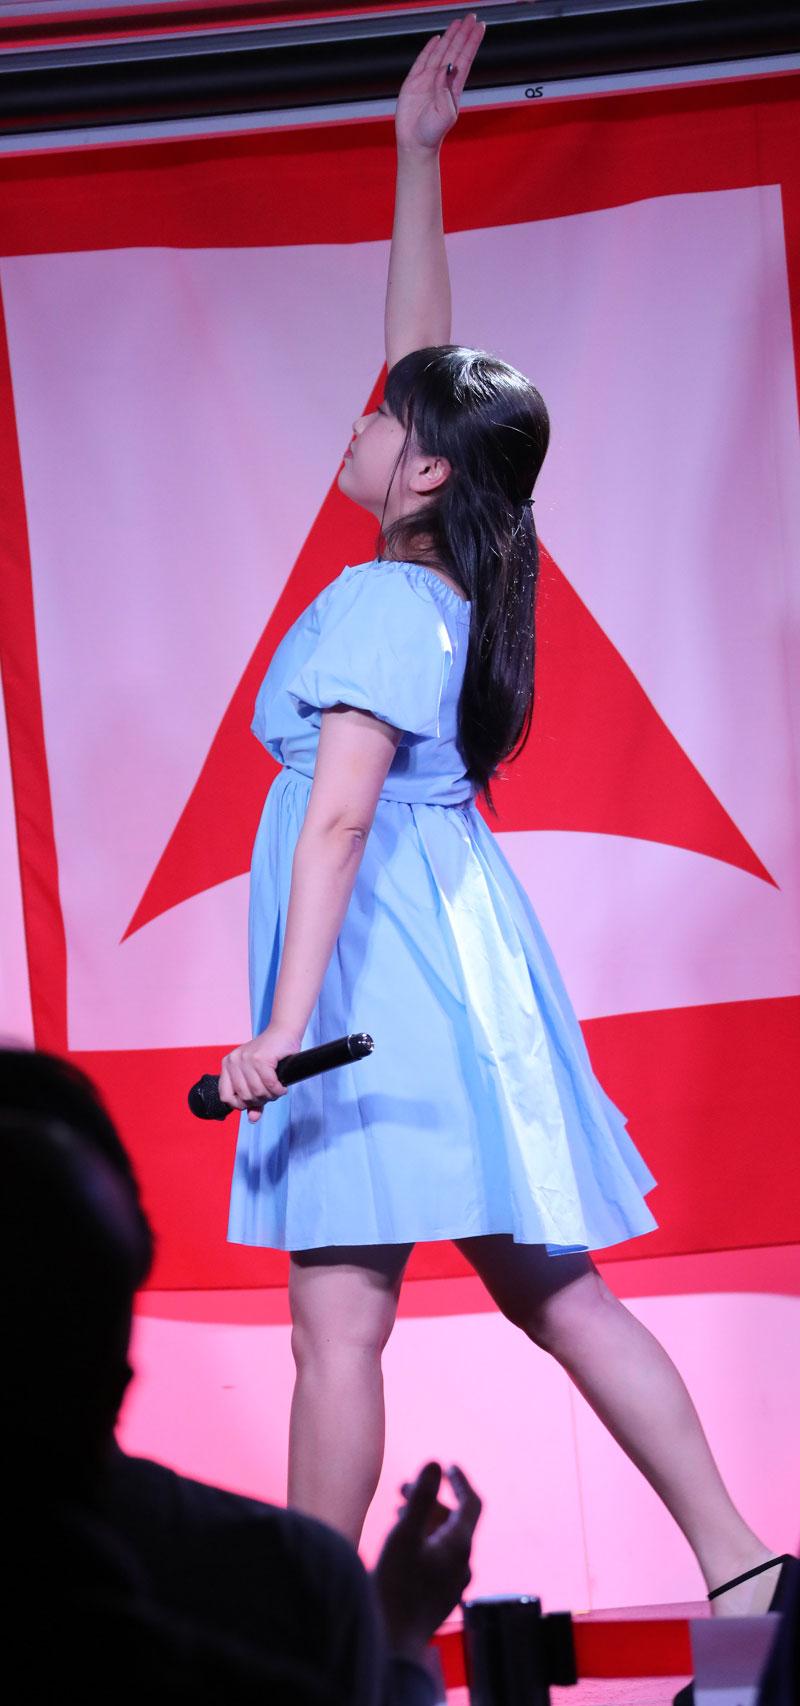 Images : 41番目の画像 - 「ミライスカート/「老若男女に愛されるアイドルになりたい」。幅広い年齢層のオーディエンスを前に、今年初の東京定期公演を開催」のアルバム - Stereo Sound ONLINE